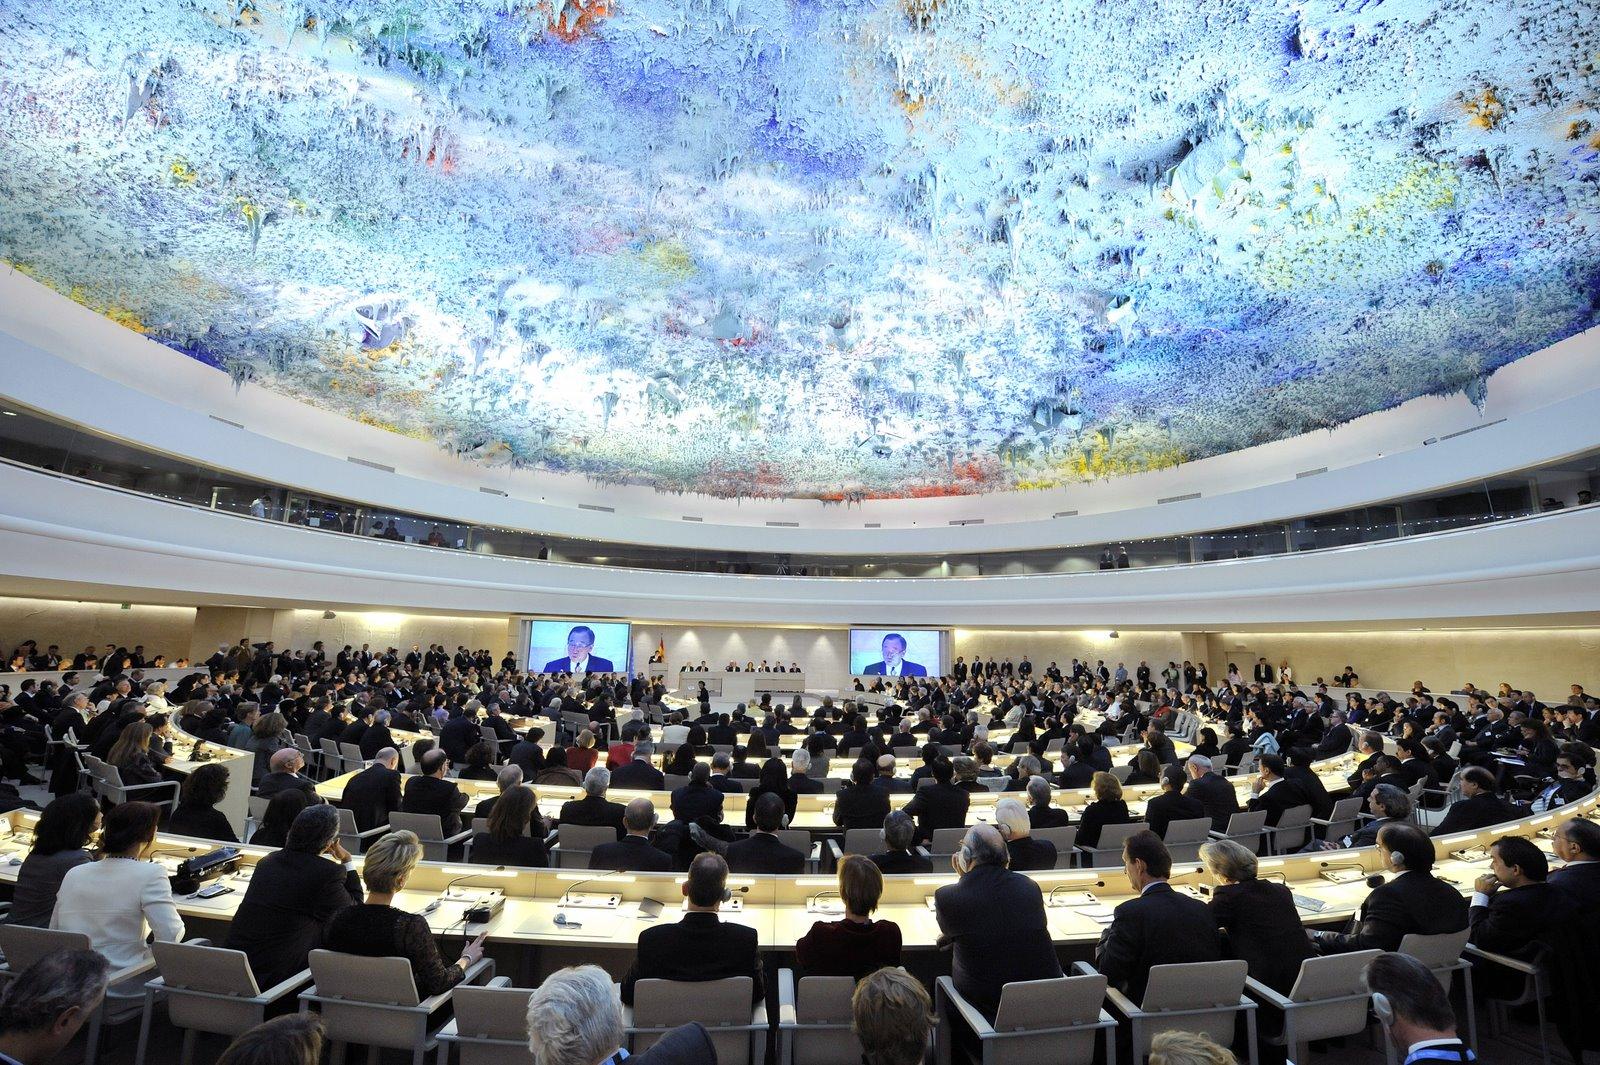 Continúa rechazo a postulación del régimen de Maduro al Consejo de DDHH de la ONU